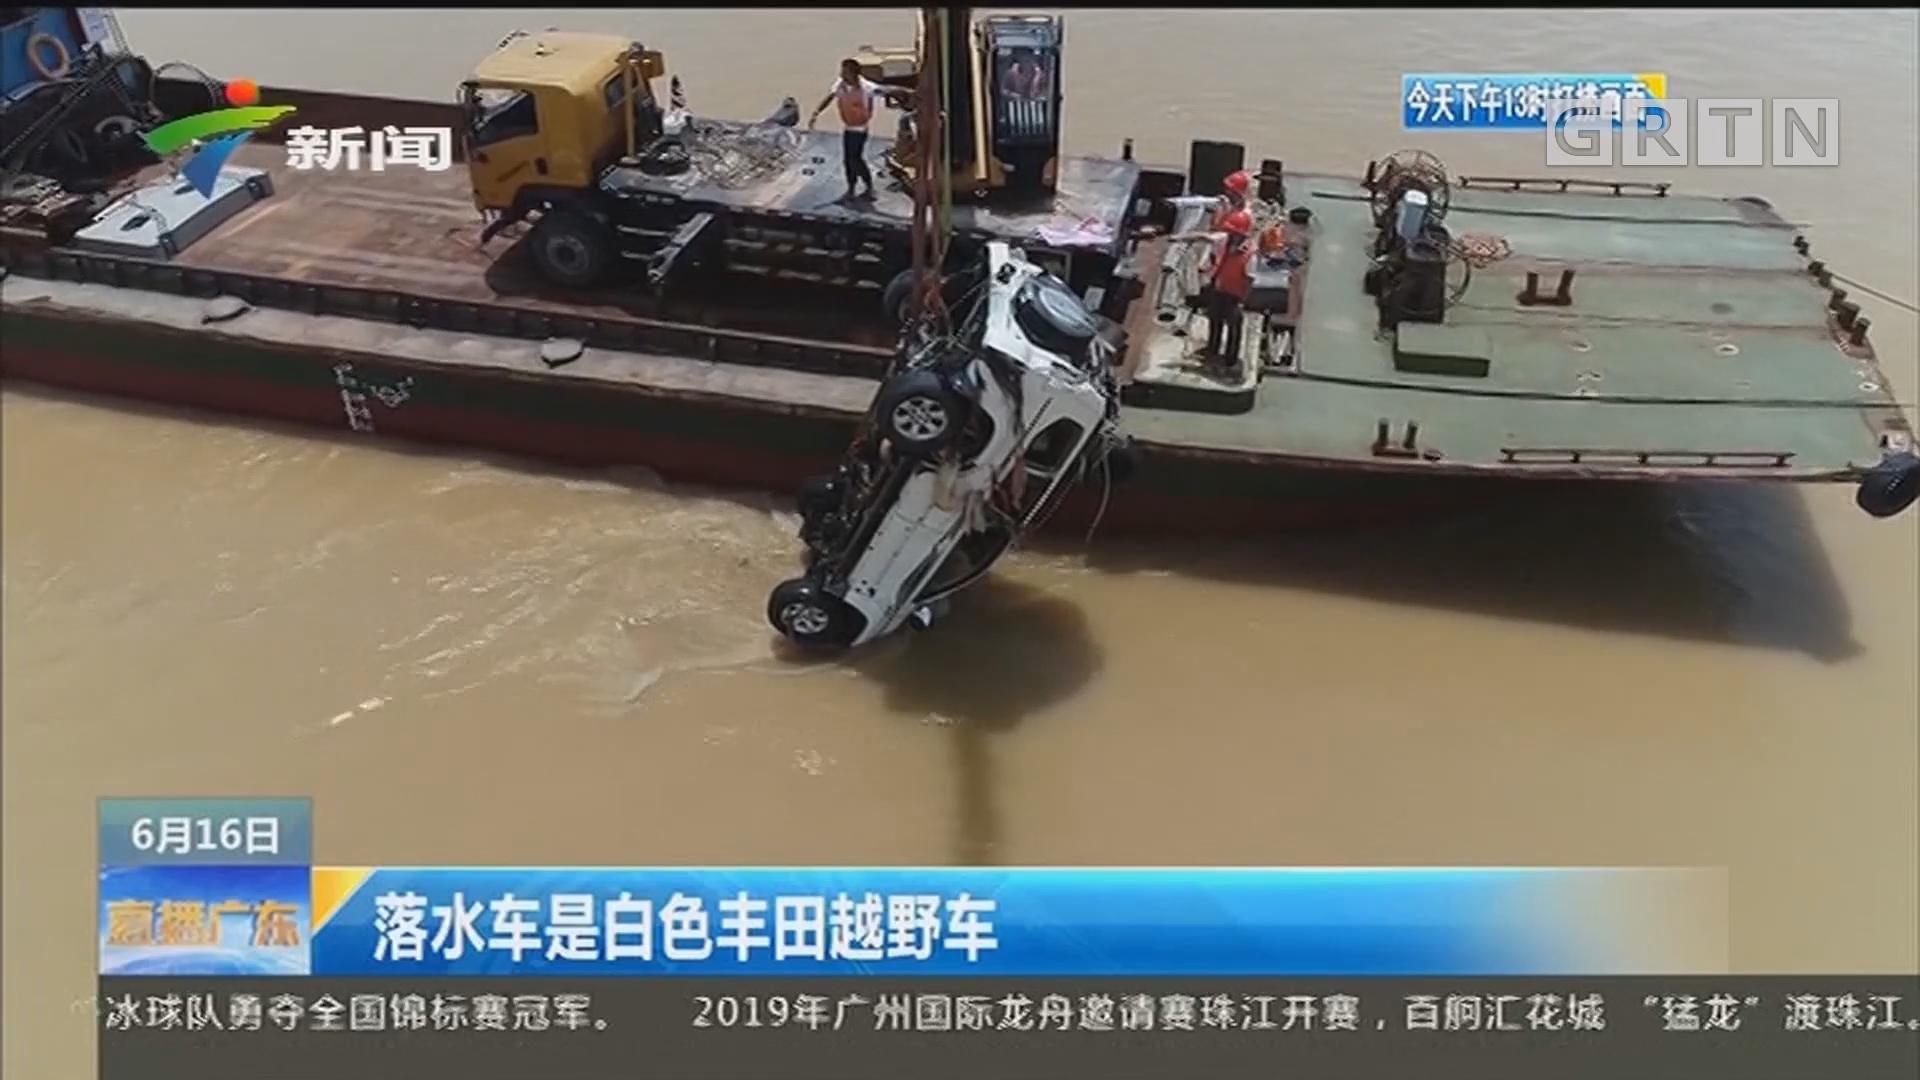 河源塌桥打捞进展 13时打捞出水